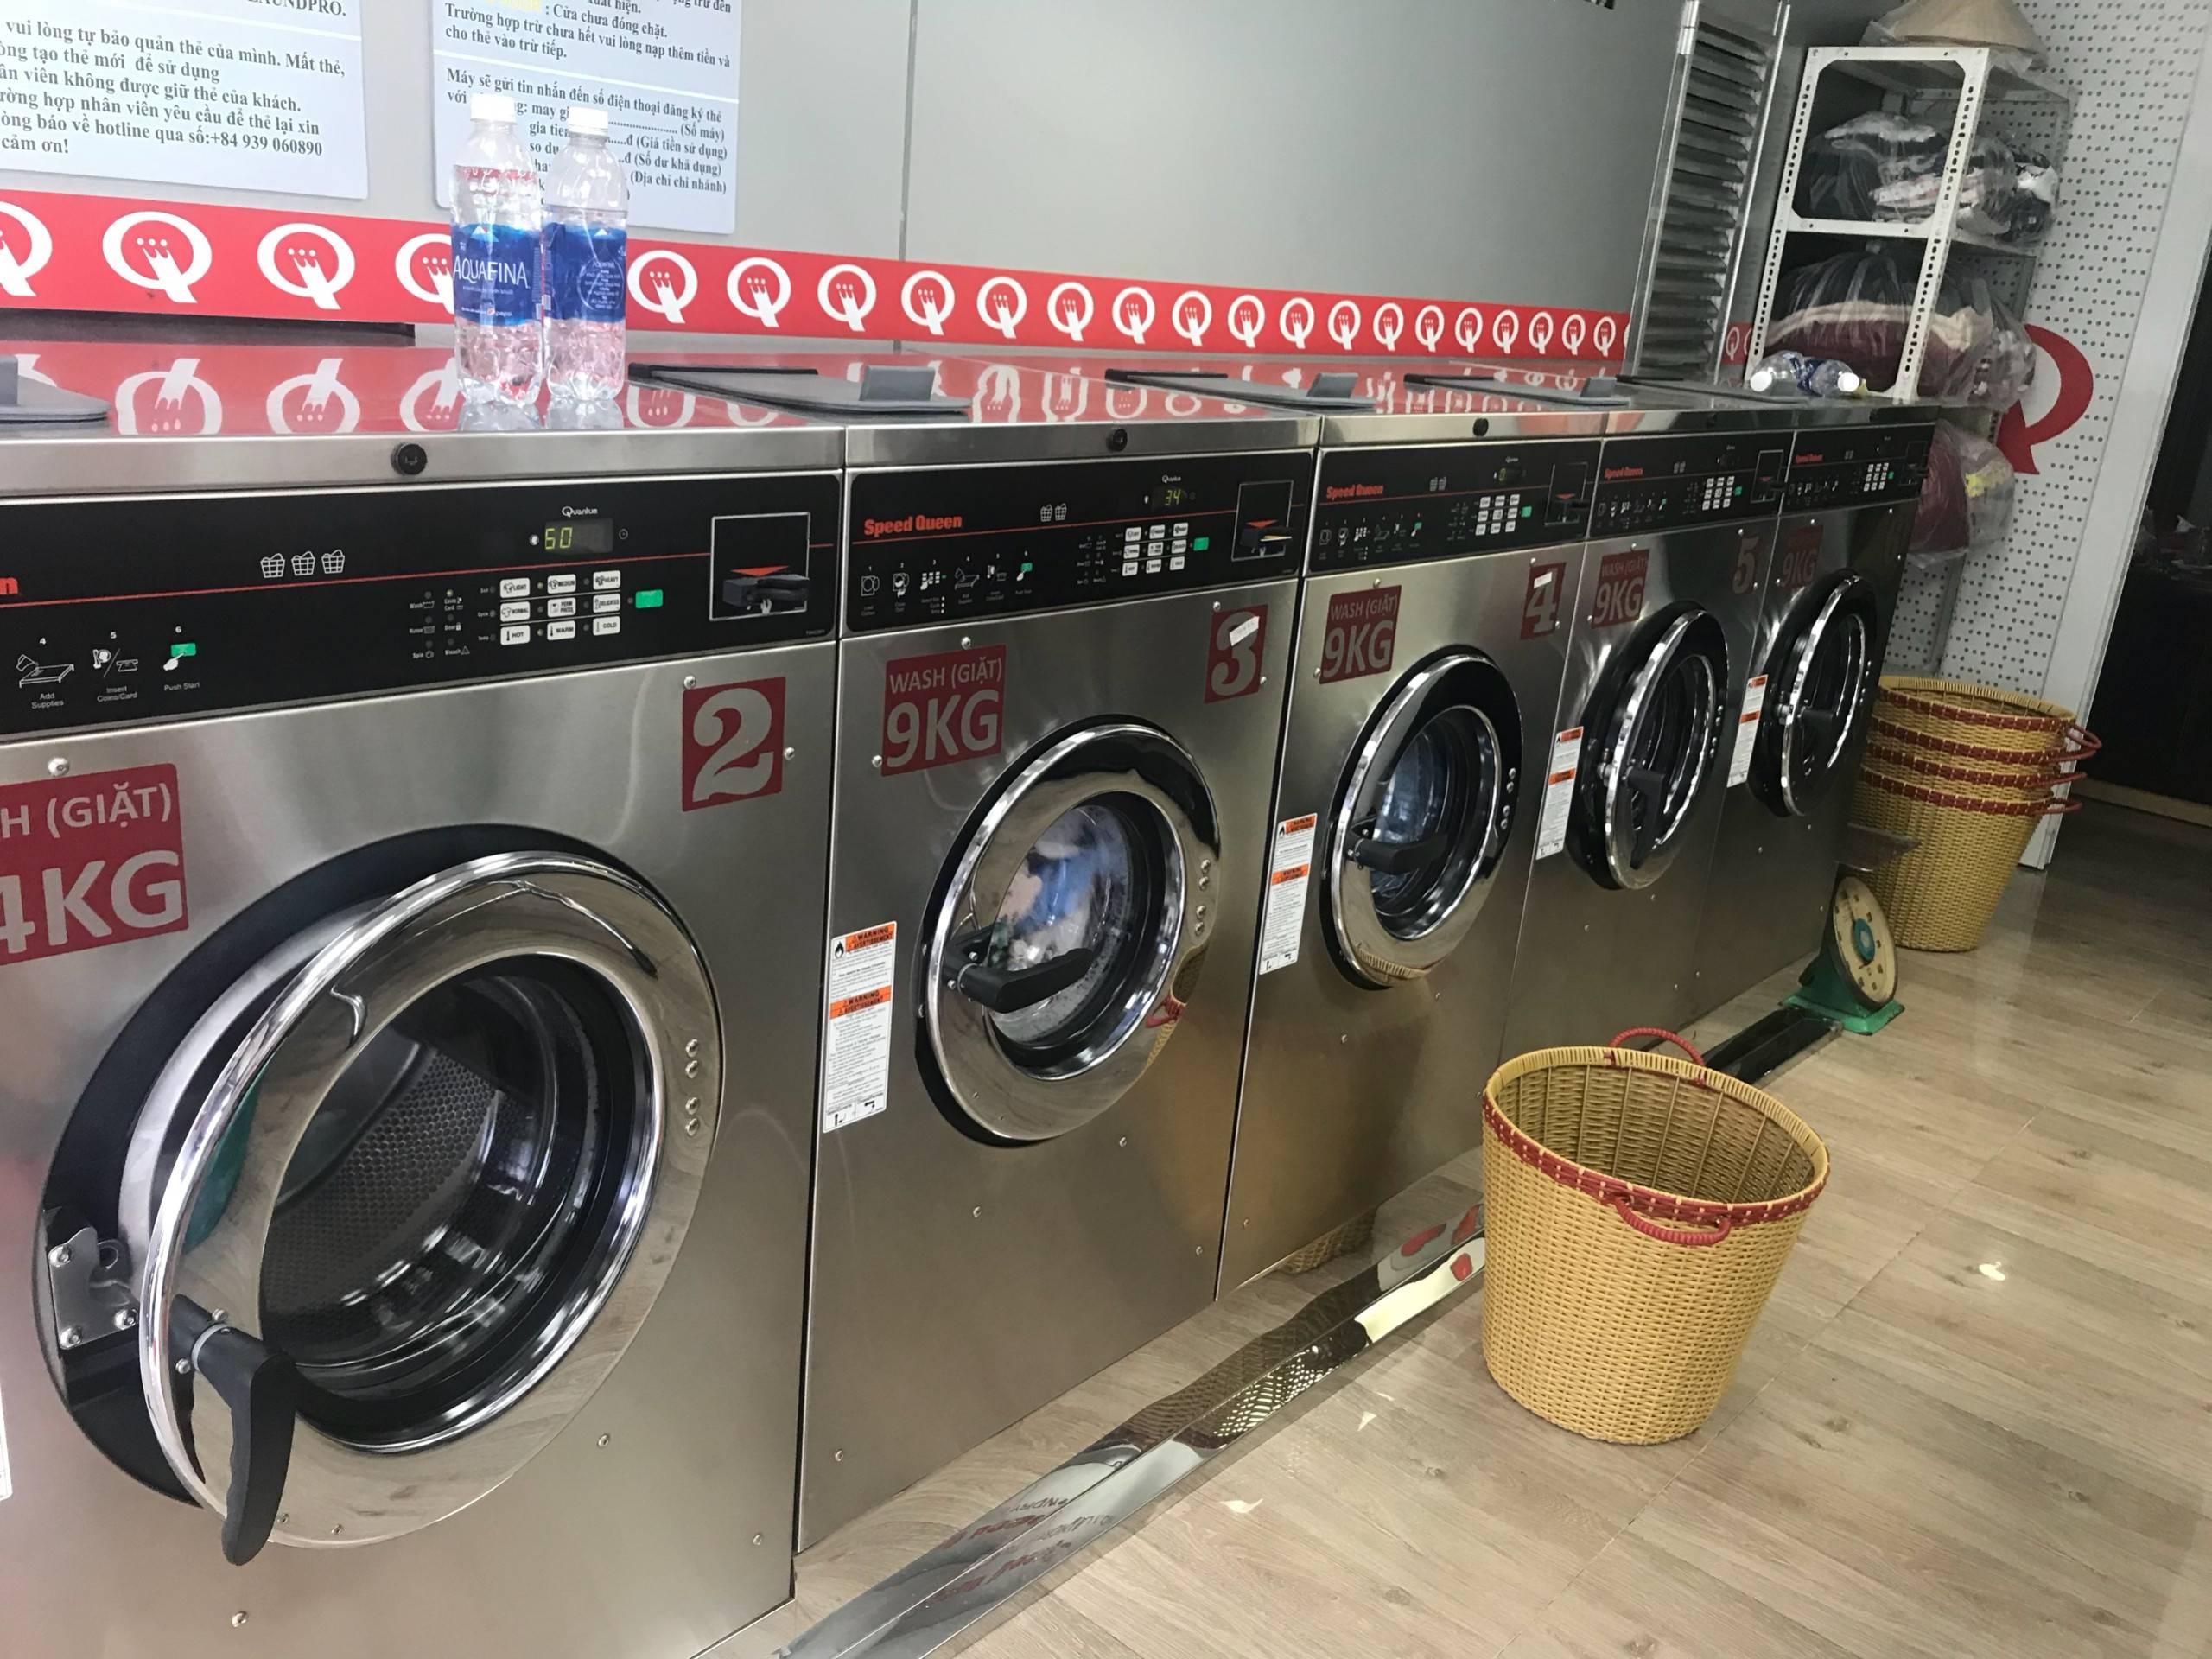 z1073928305150 c2aa00064bcc0f1e814fd83ef61125a4 - Đại lý bán máy giặt công nghiệp giá tốt